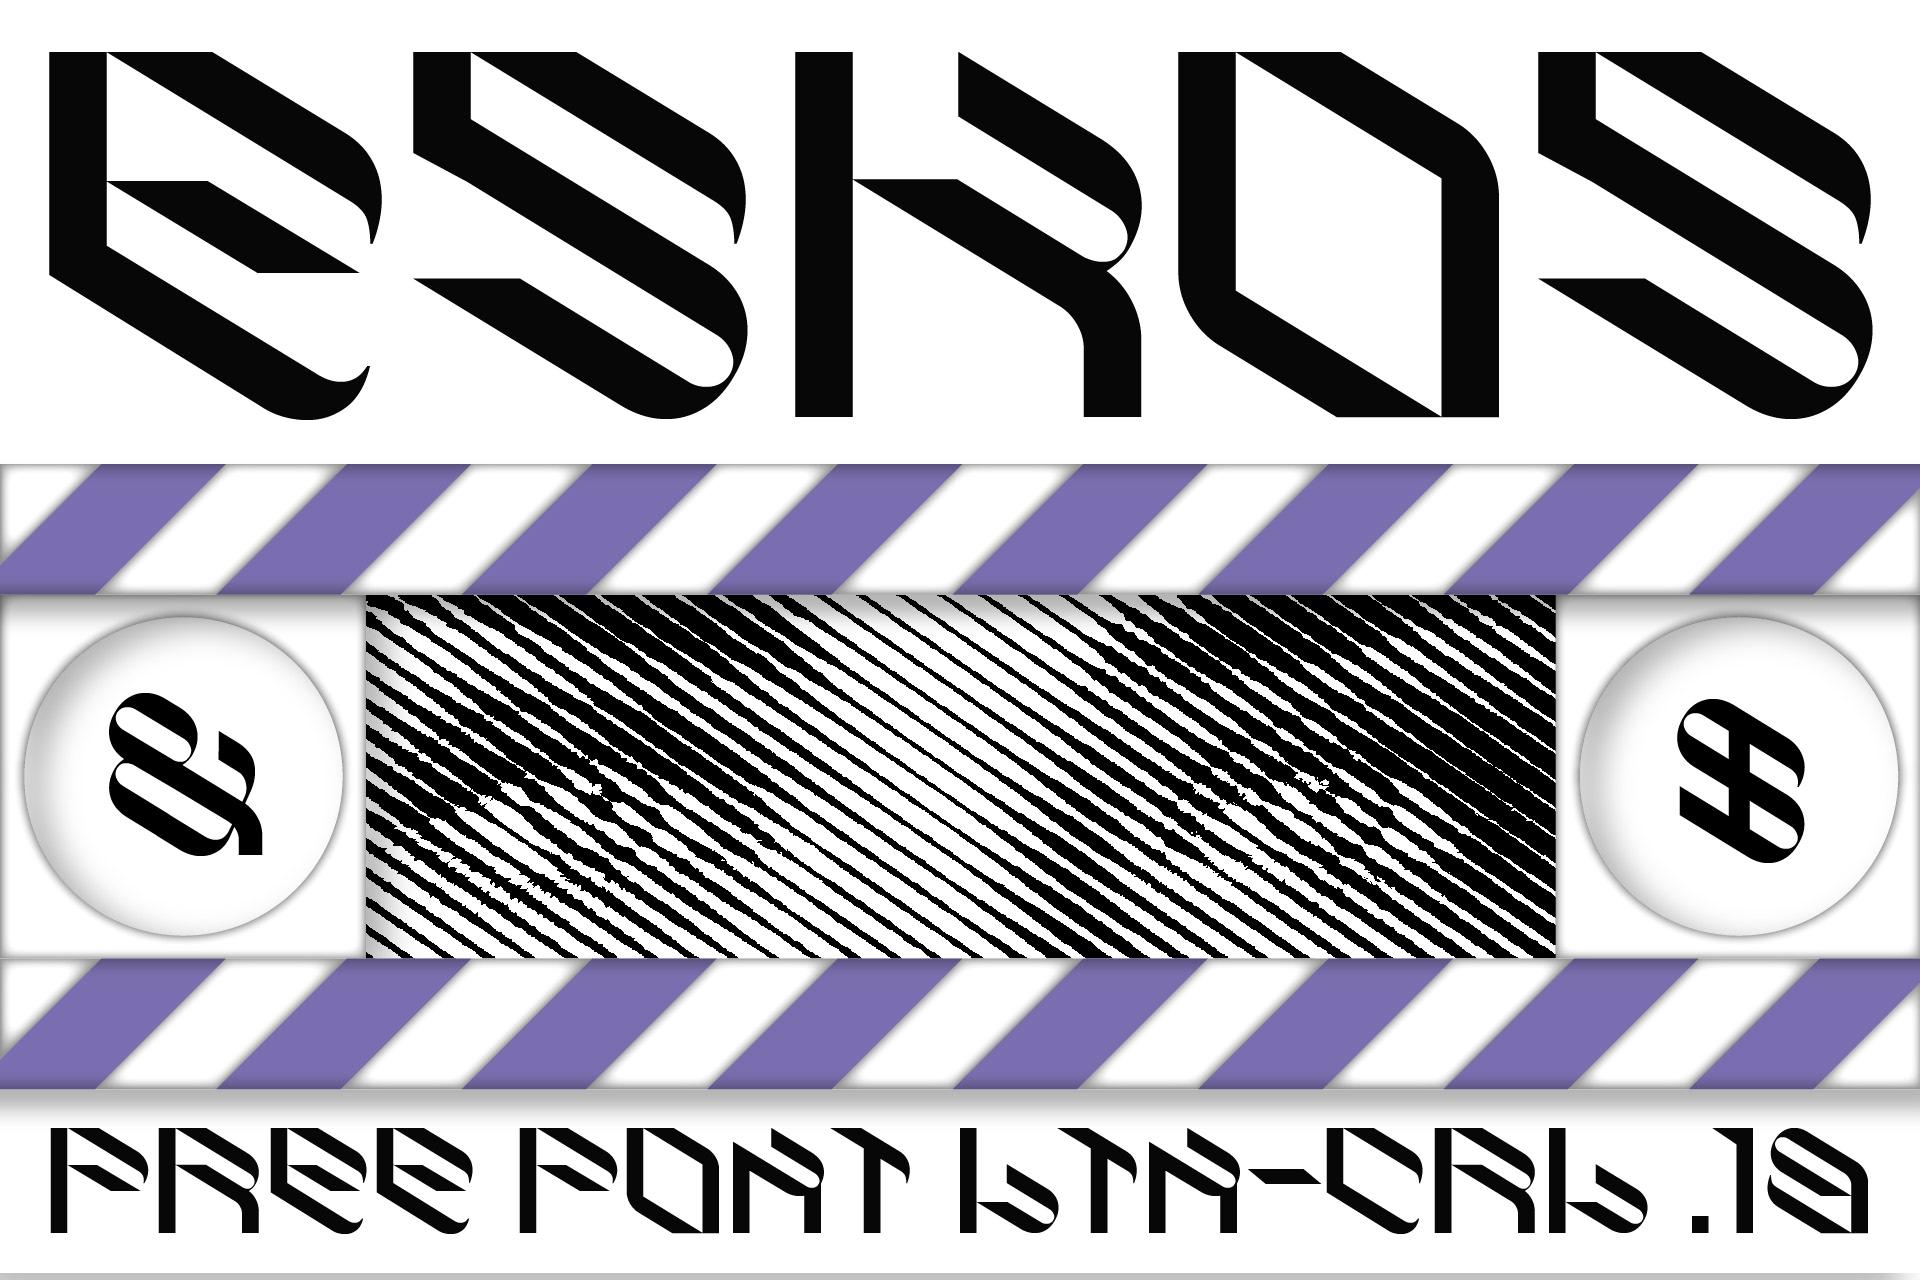 倾斜对角线英文字体下载 Eskos Typeface插图